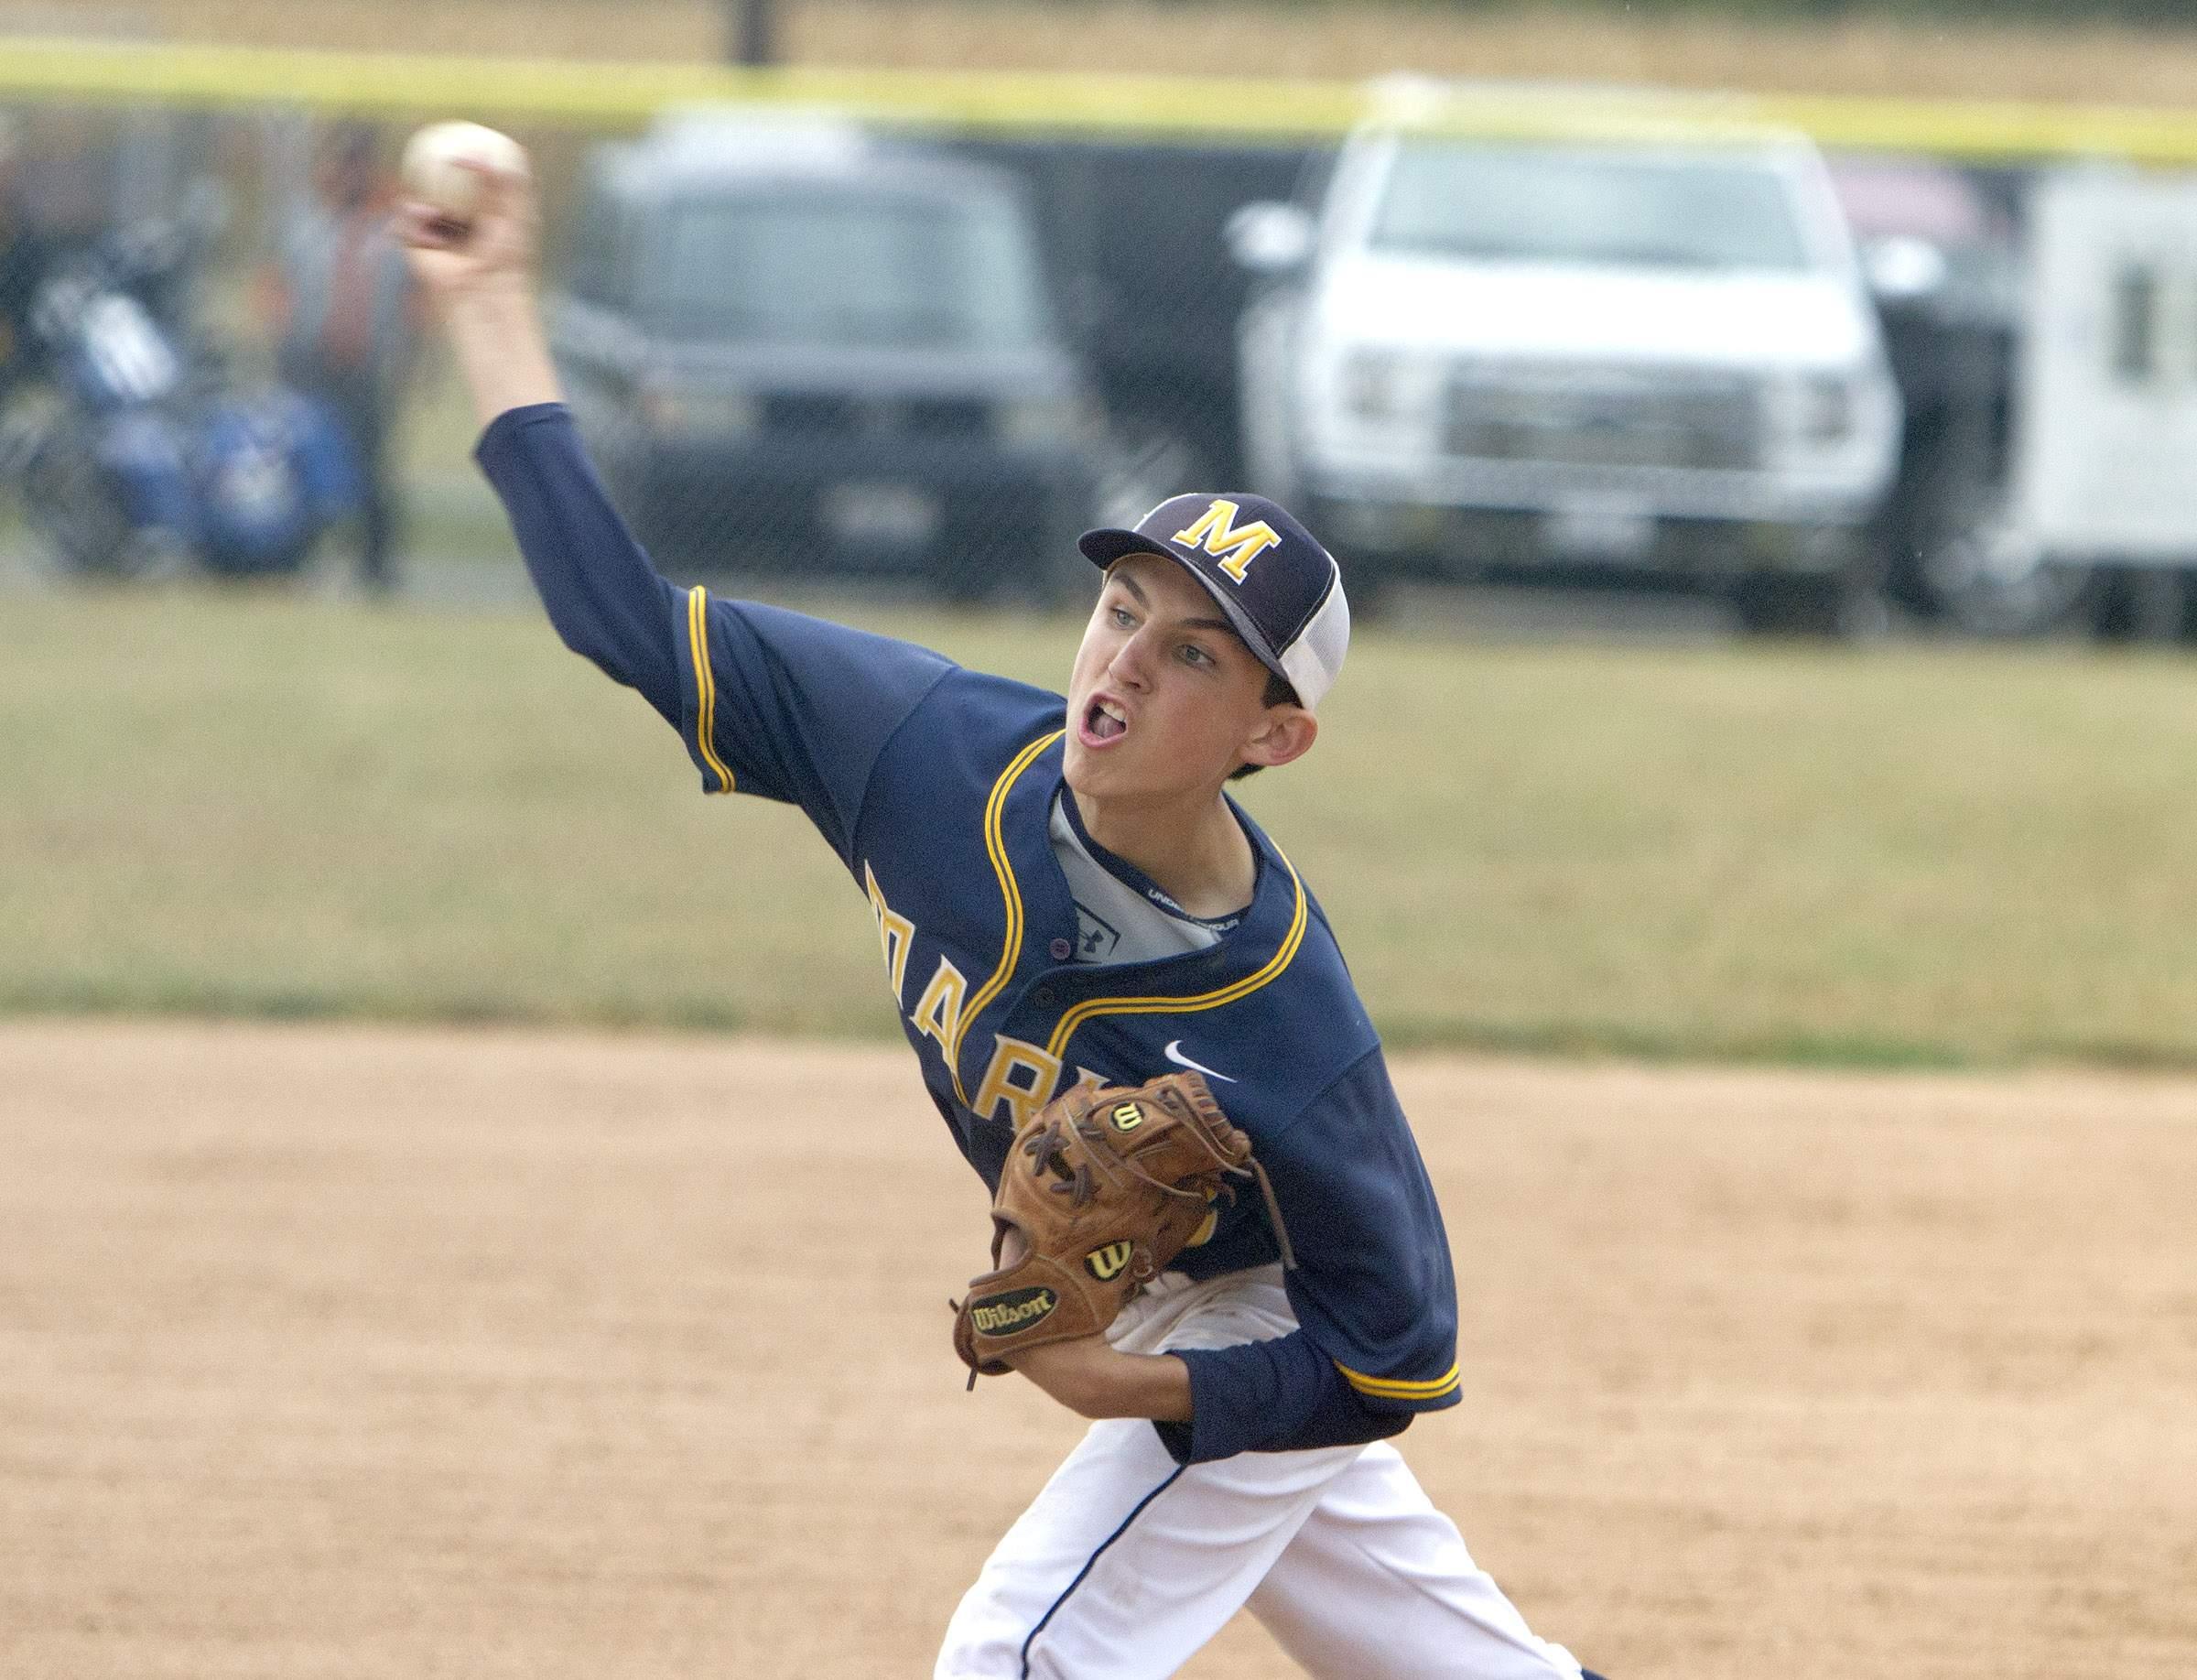 Mason Gooch throws a pitch.